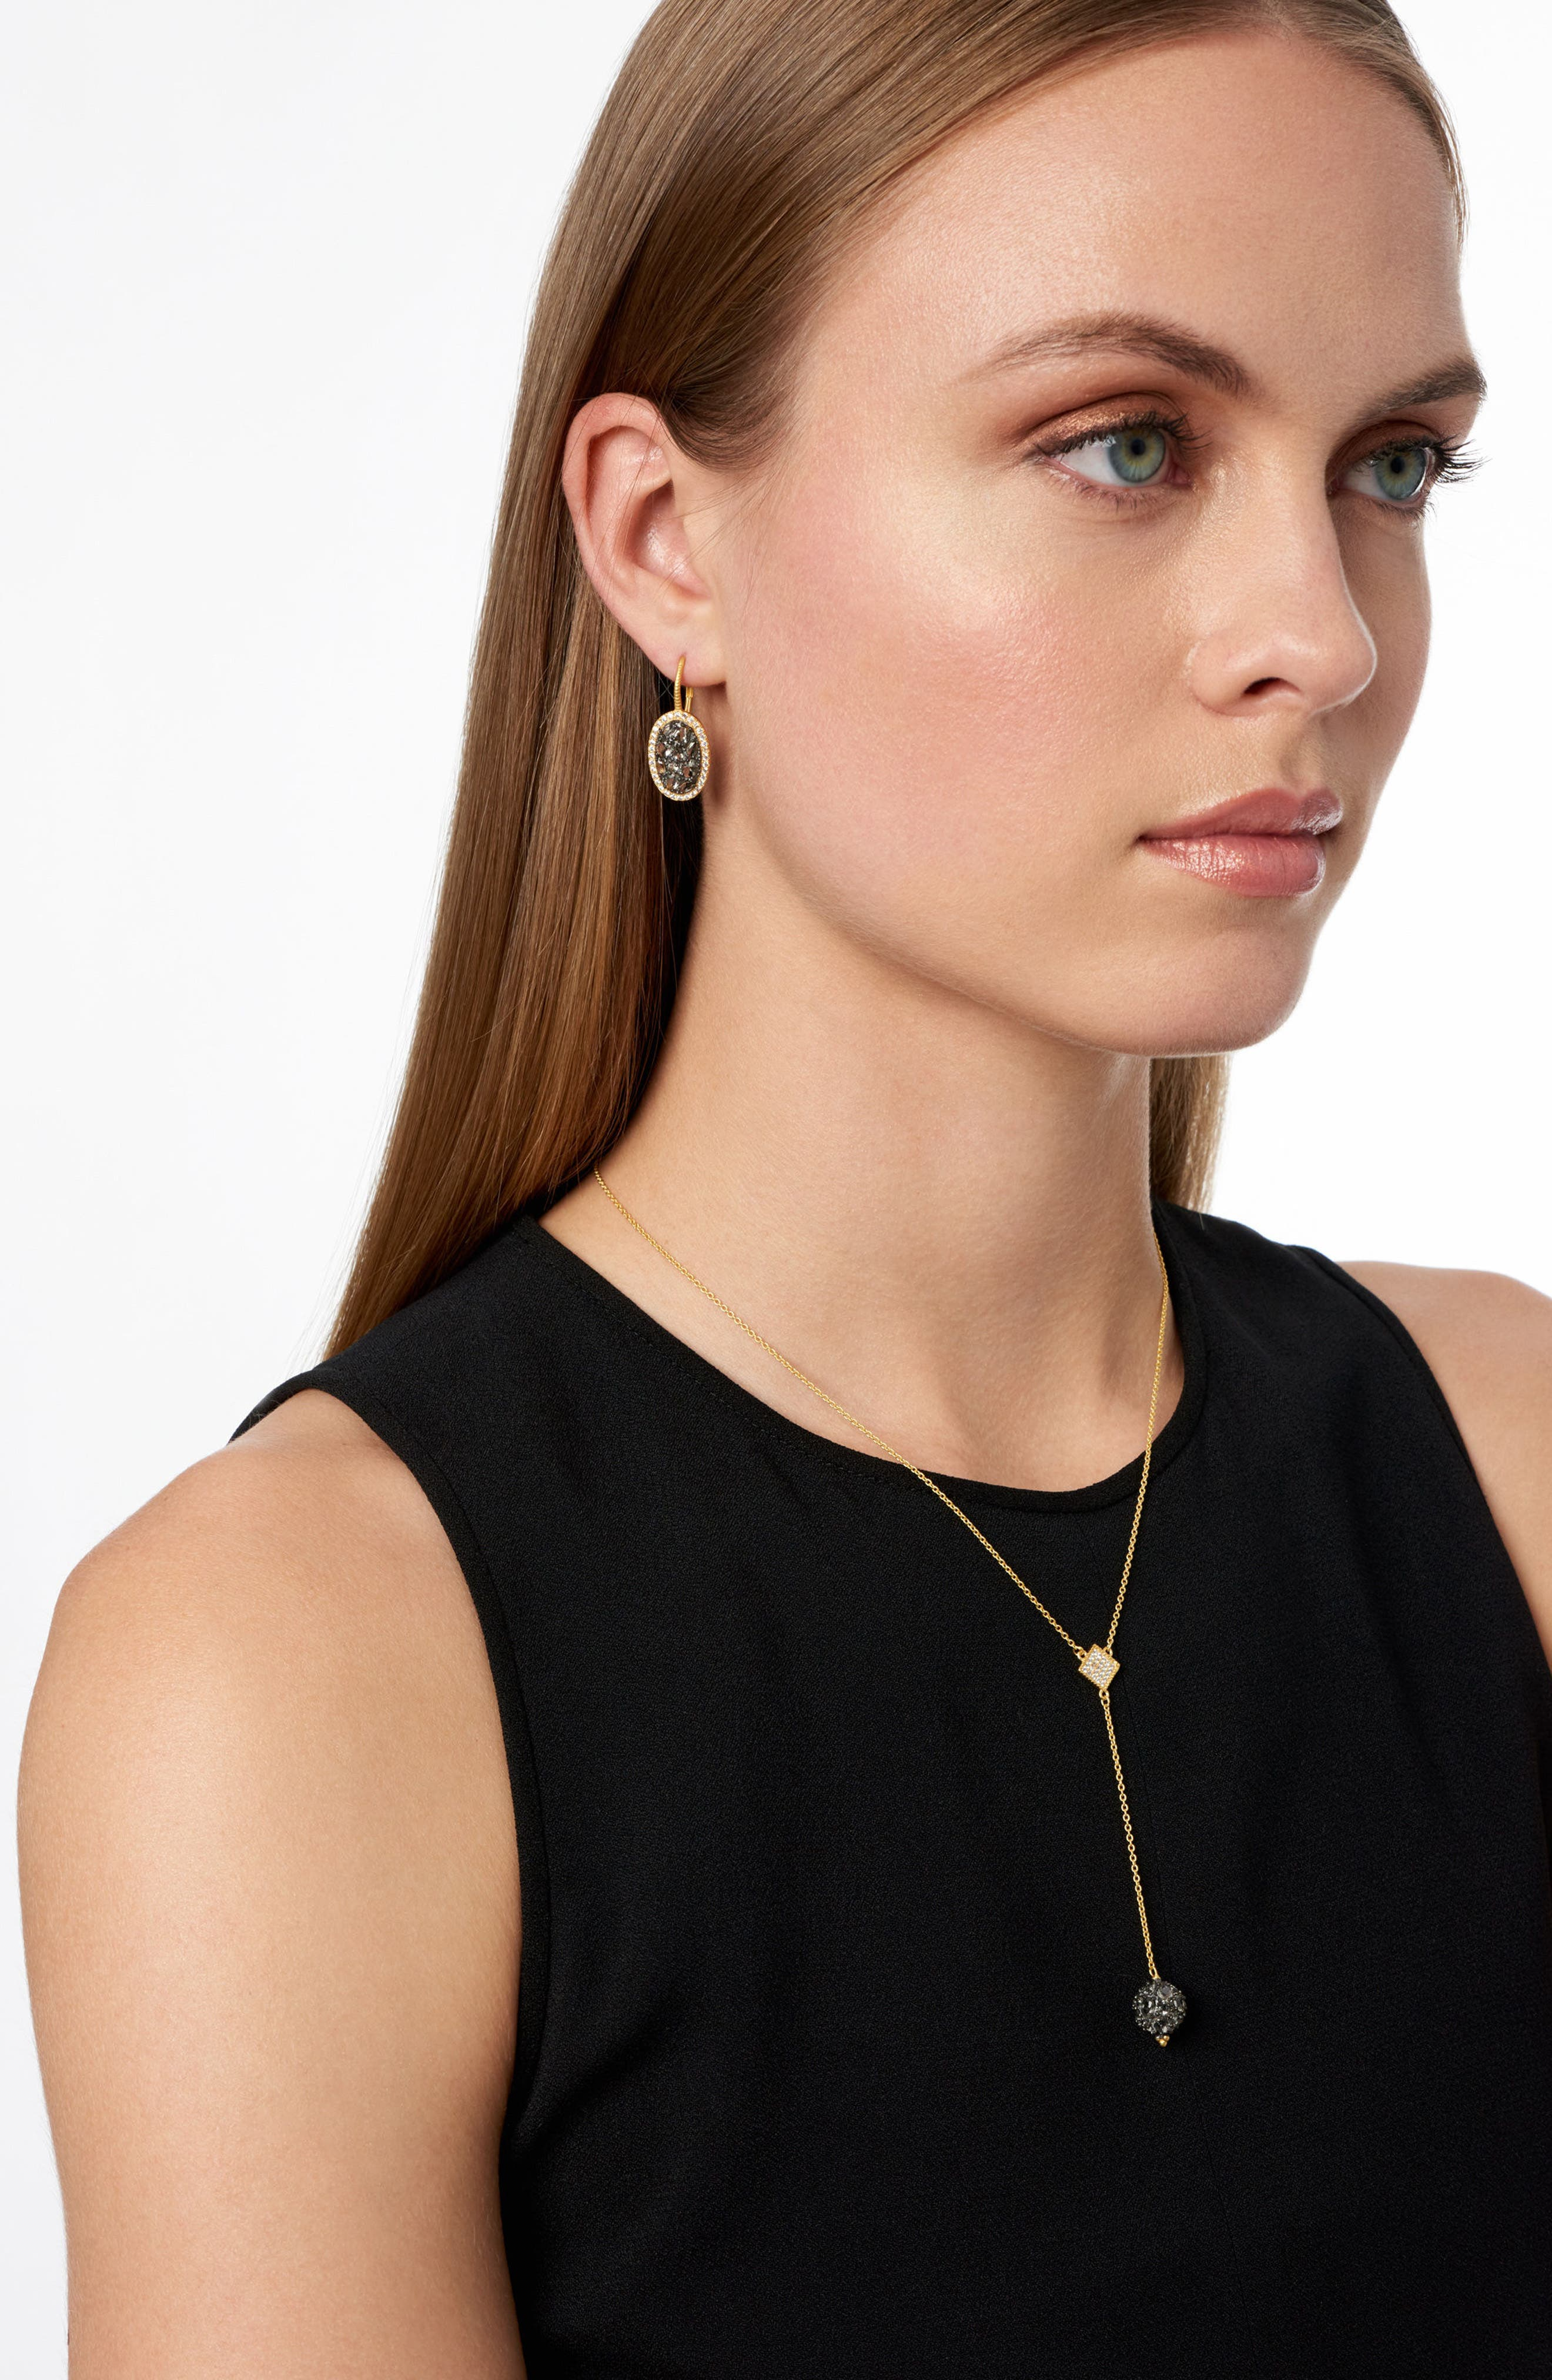 Rose Dor Stone Earrings,                             Alternate thumbnail 2, color,                             BLACK/ GOLD